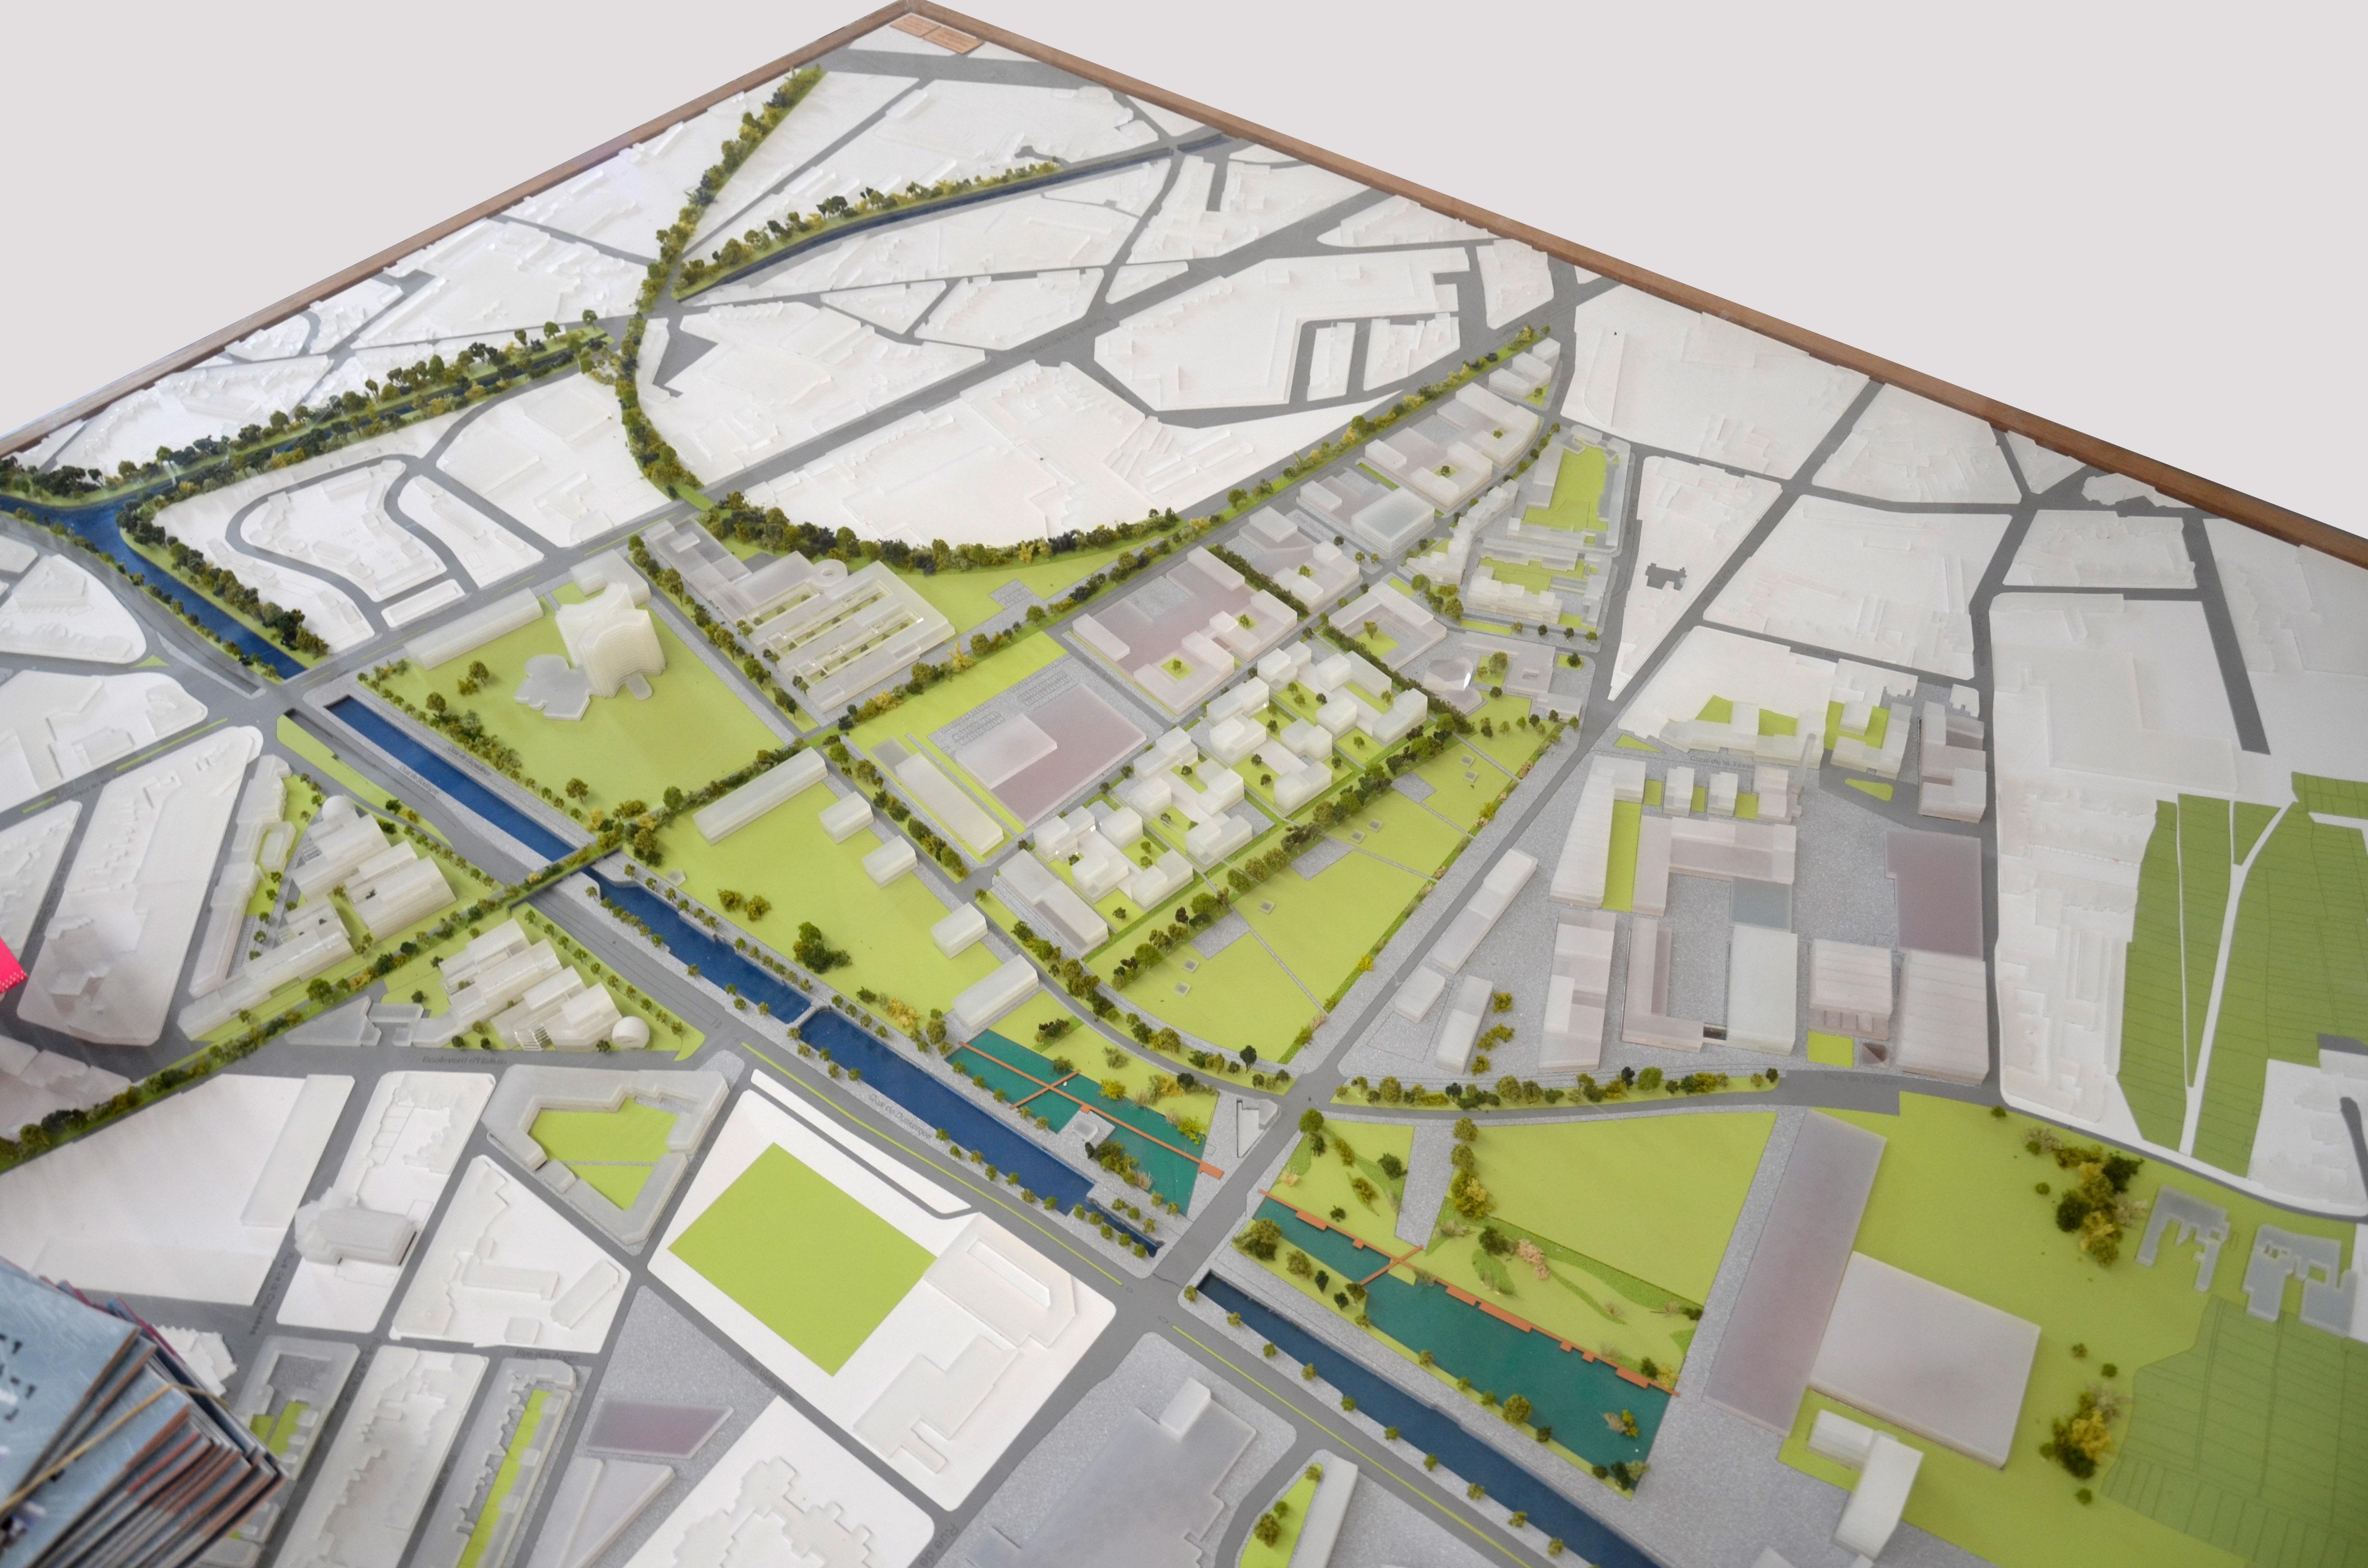 projet de rénovation urbaine roubaix